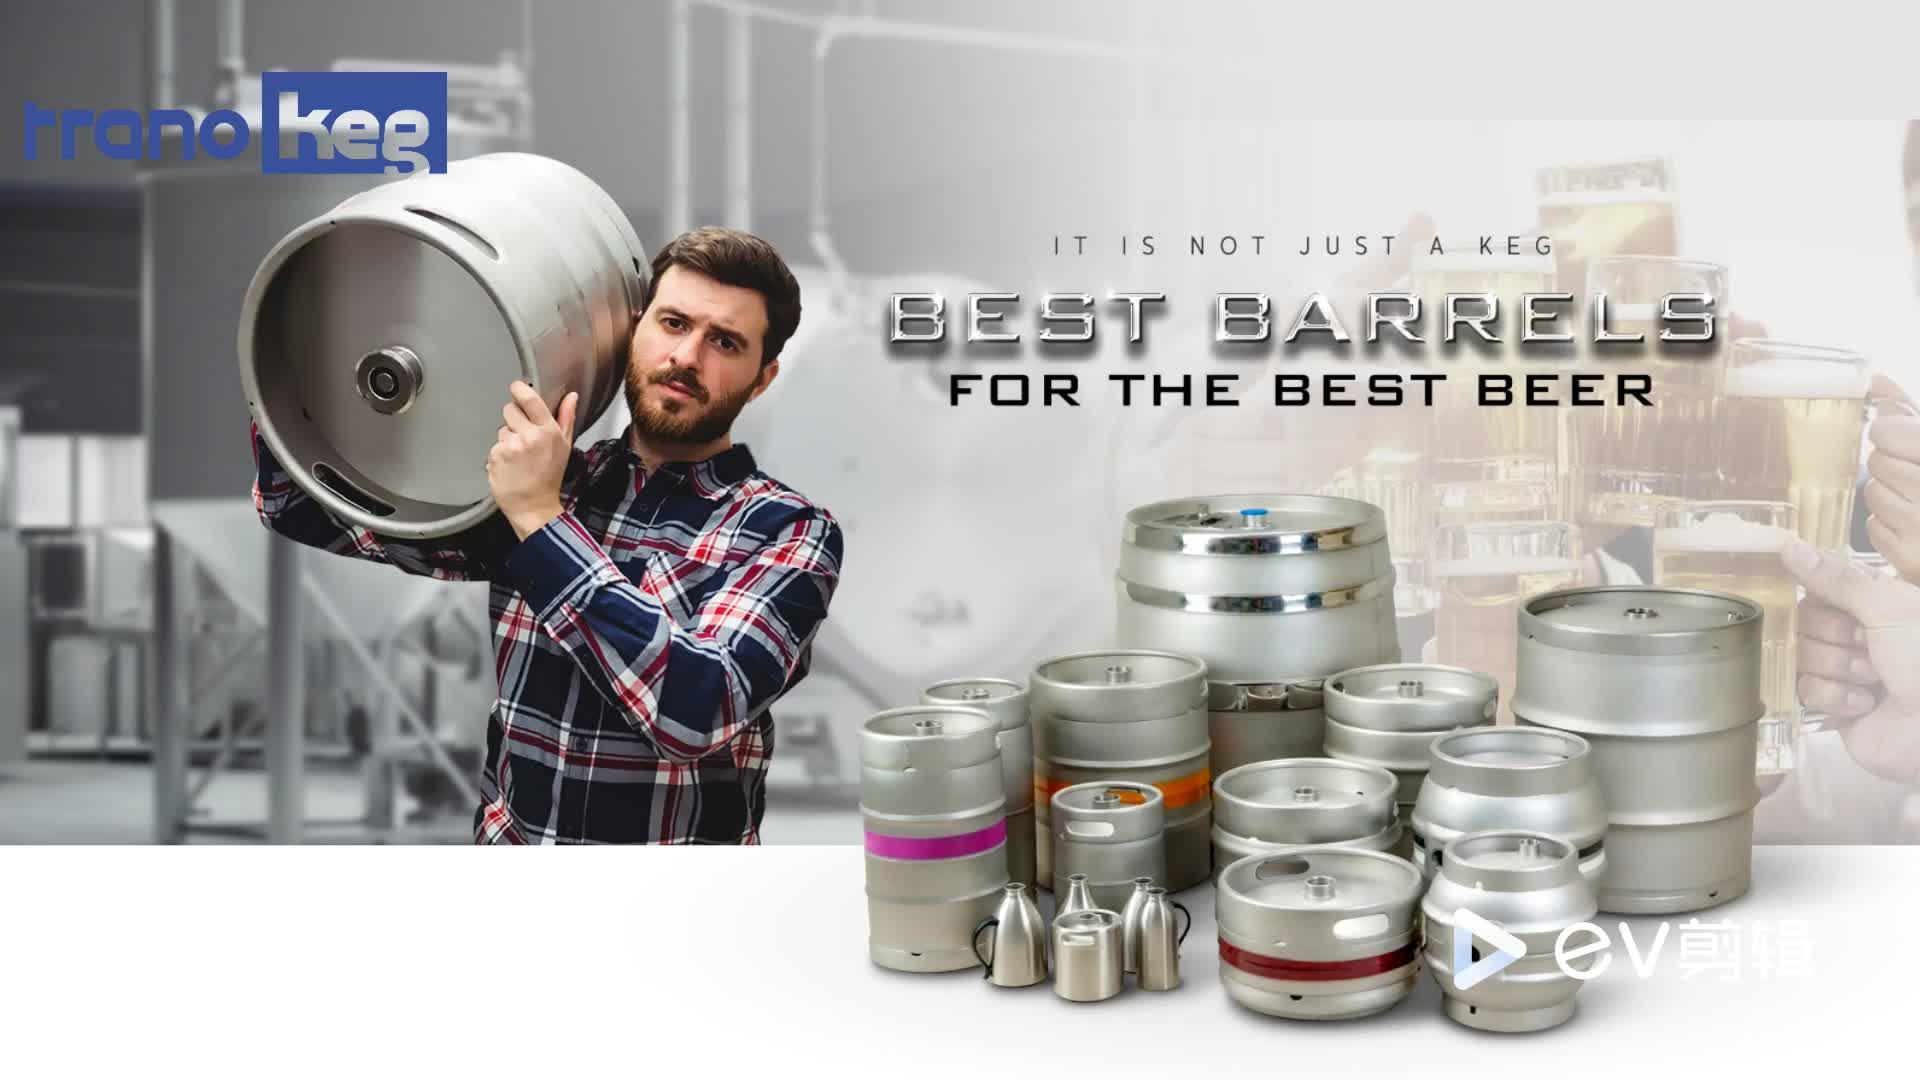 Yeni 5 Galon Taslak Bira keg Ev demlemek 19 litre cornelius Soda topu kilit keg